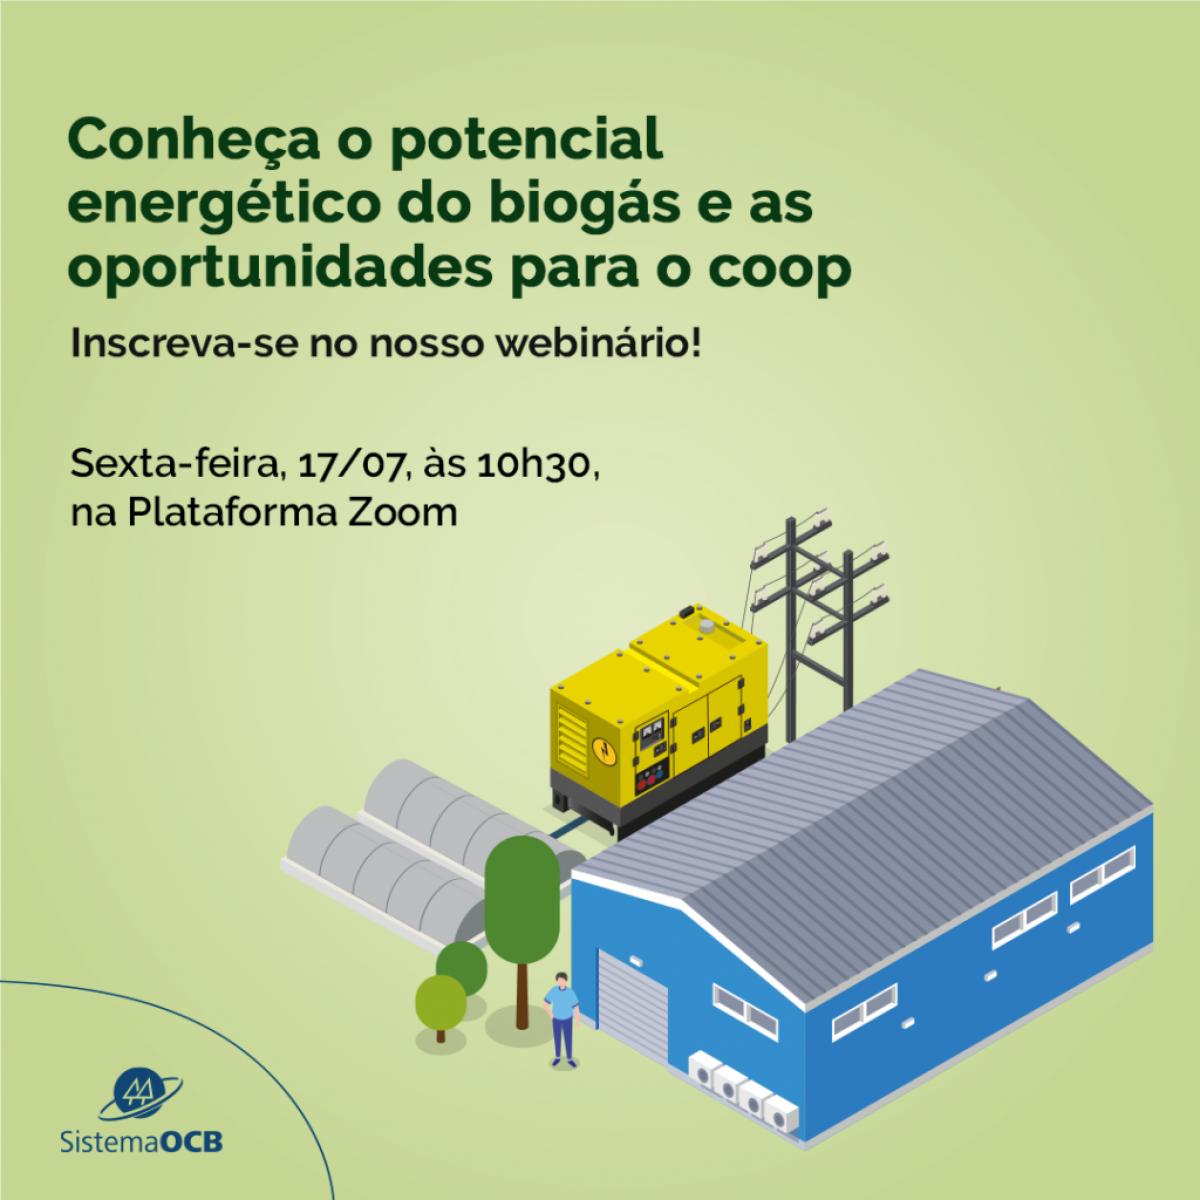 Biogás pode fortalecer o cooperativismo no Brasil